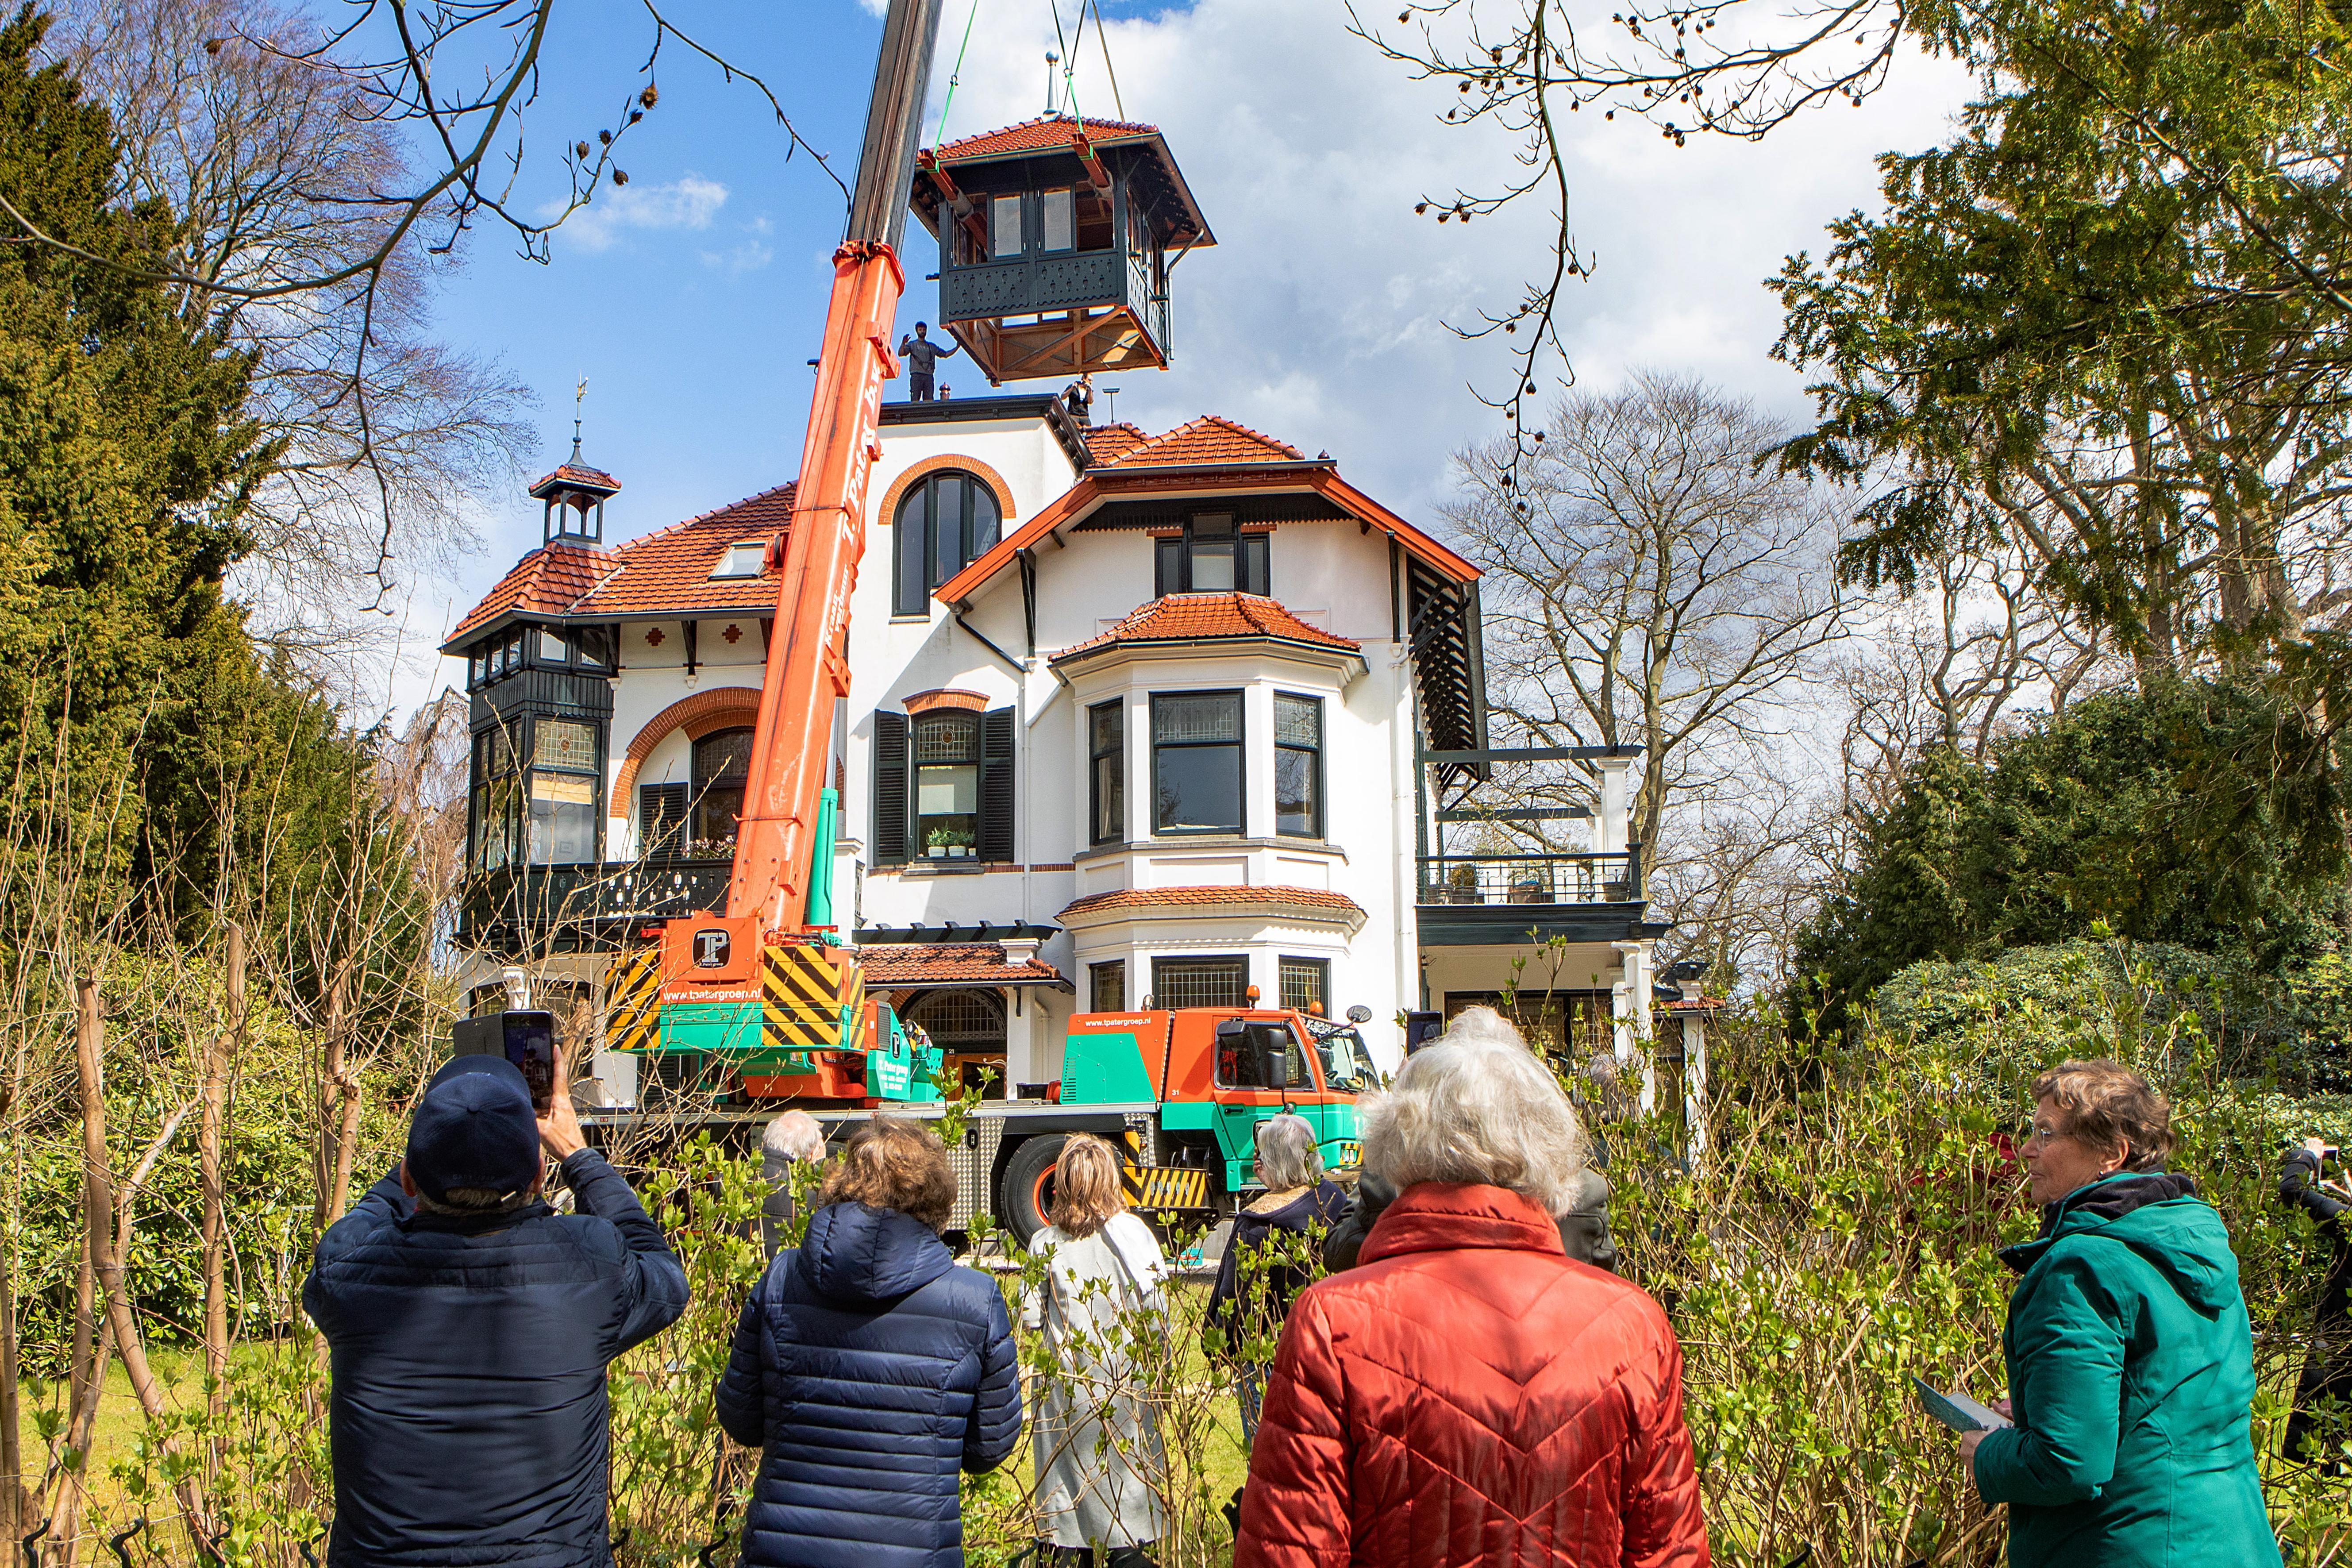 Tindalvilla in Bussum heeft haar hoofd terug; Crowdfunding moet nieuwe toren van 55.000 euro deels bekostigen